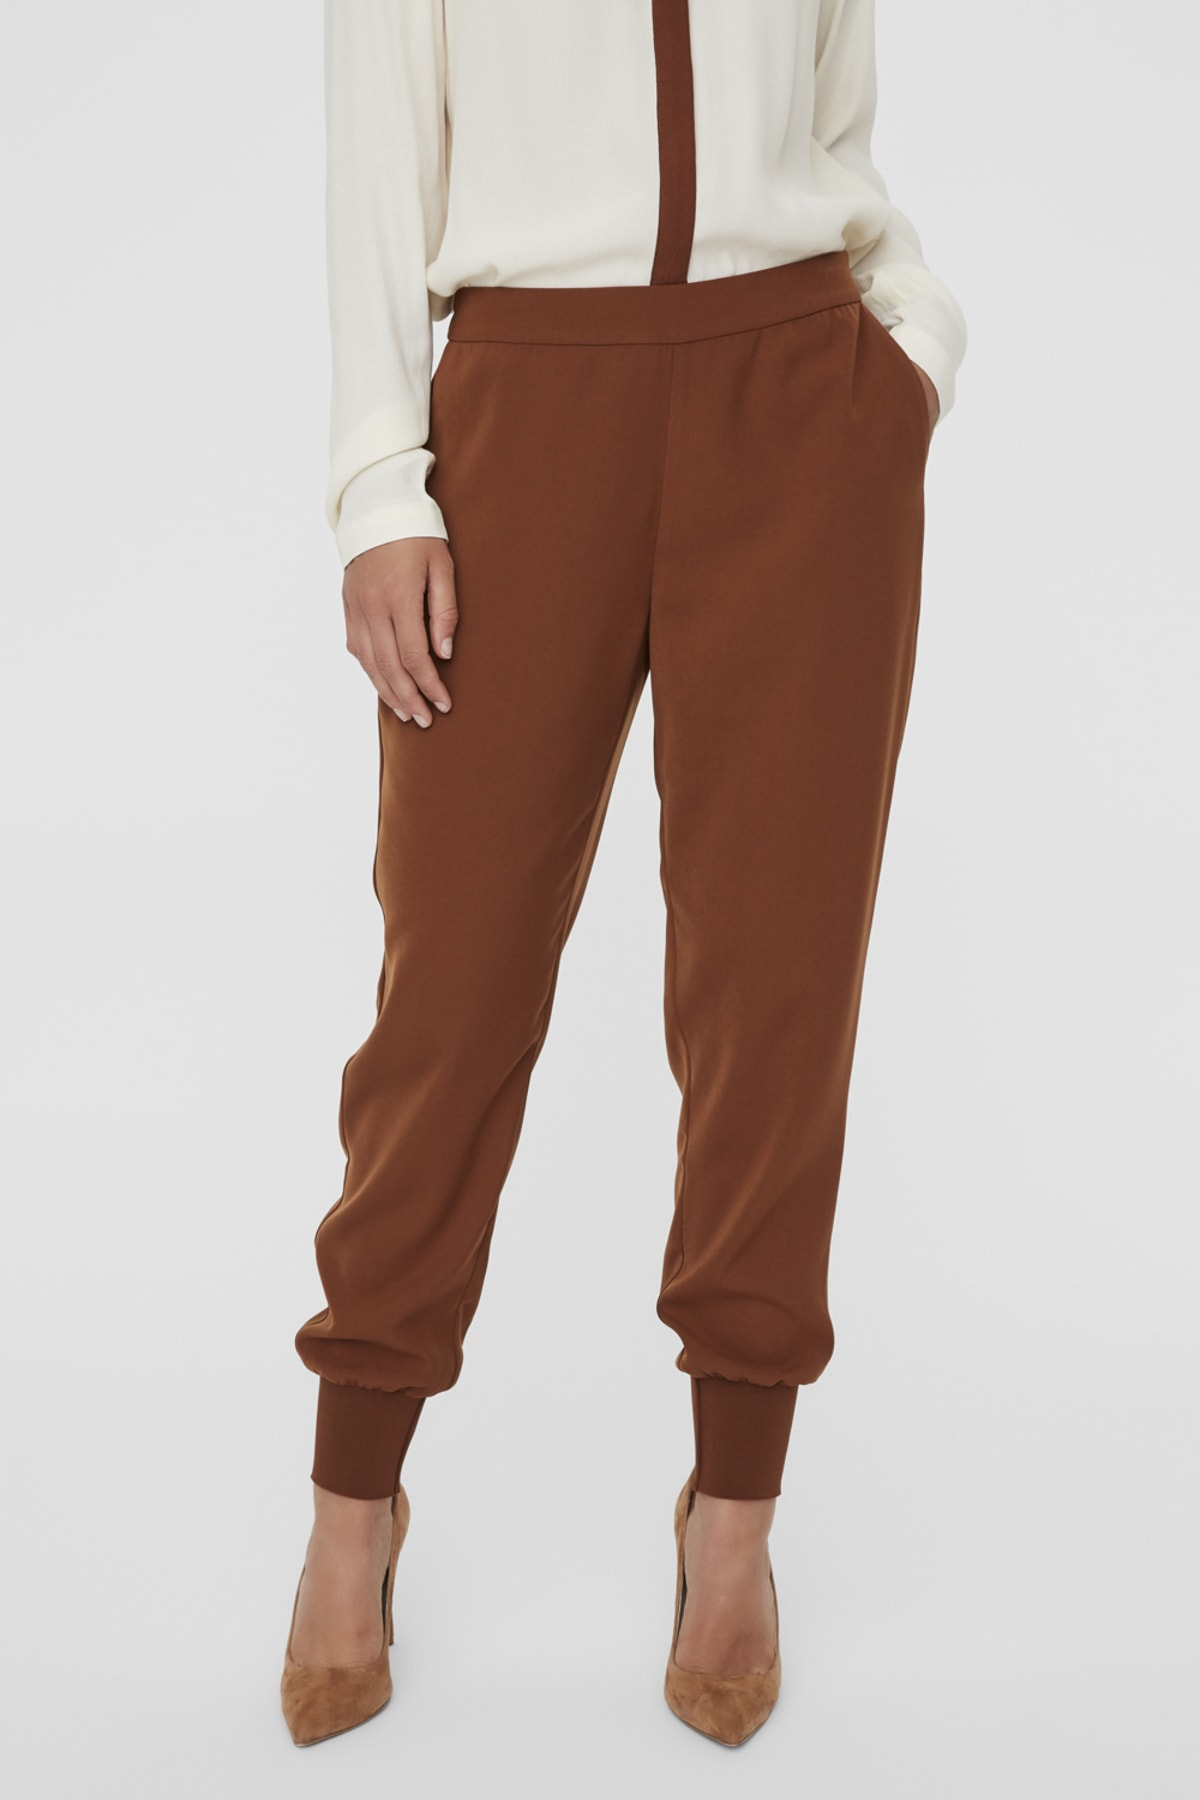 Vero Moda Kadın Tarçın Paçası Kalın Ribanalı Beli Lastikli Pantolon 10222221 VMJOLLY 2